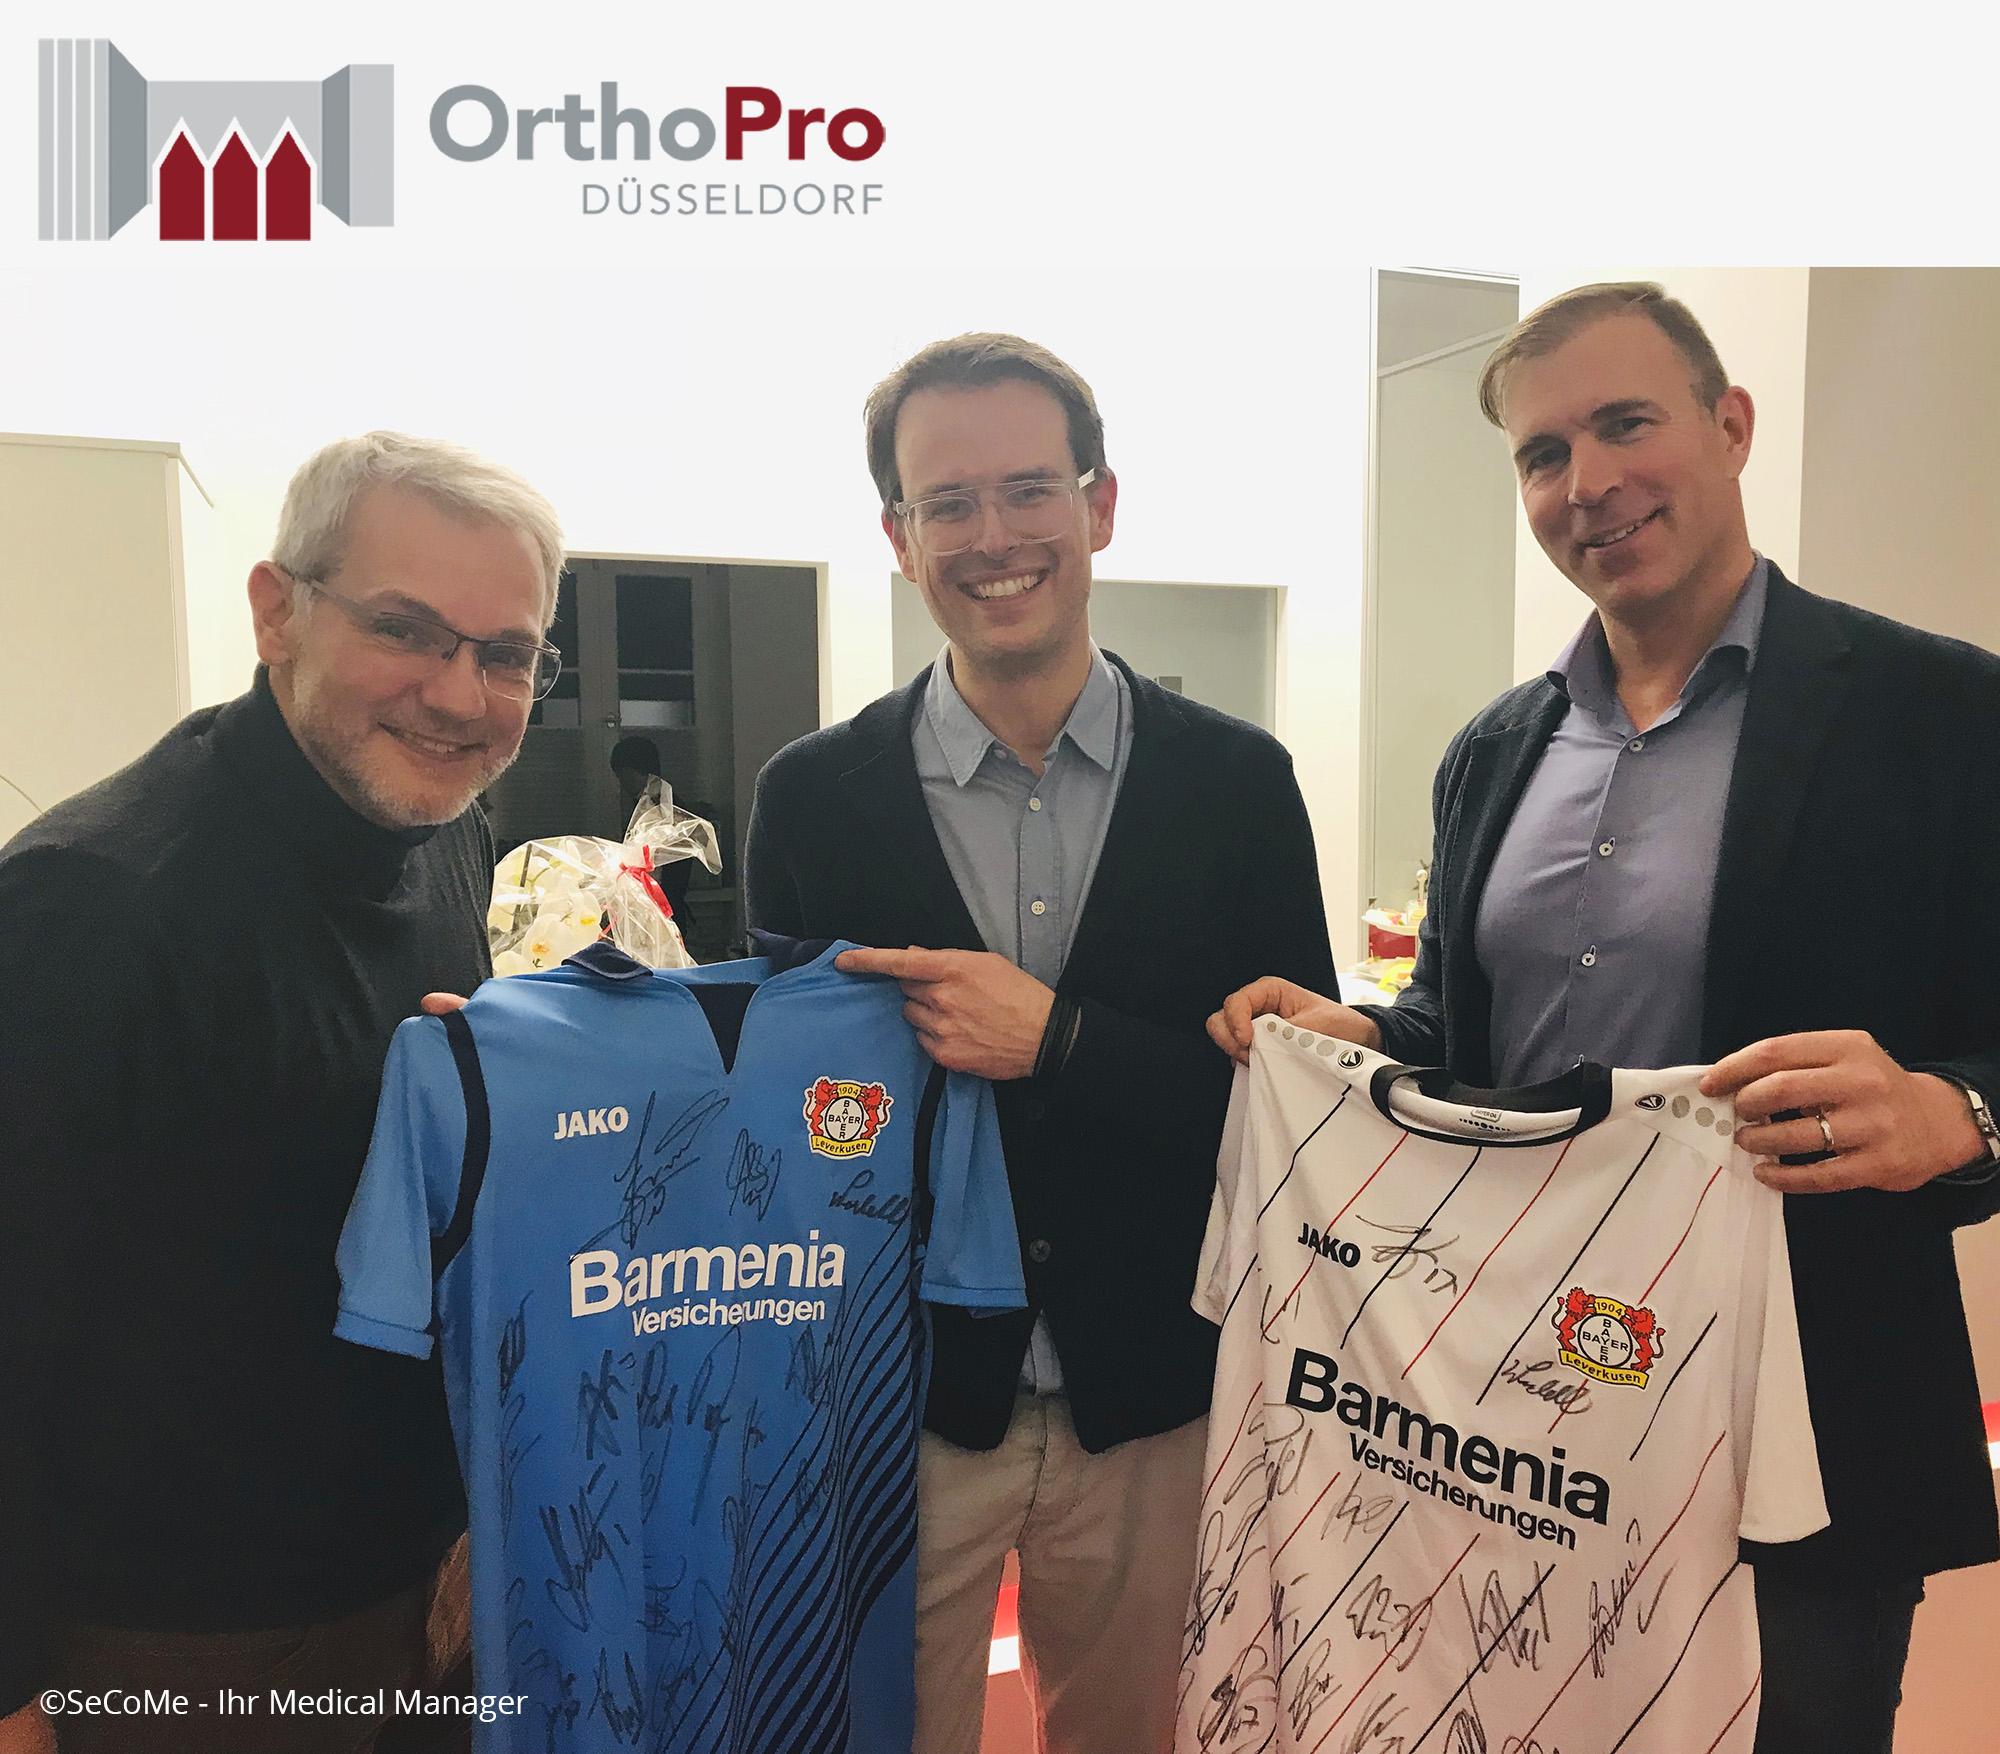 Die NRNW eG gratuliert Dr. Philipp Ehrenstein und Dr. Thilo Patzer zur Praxiseröffnung OrthoPro Düsseldorf